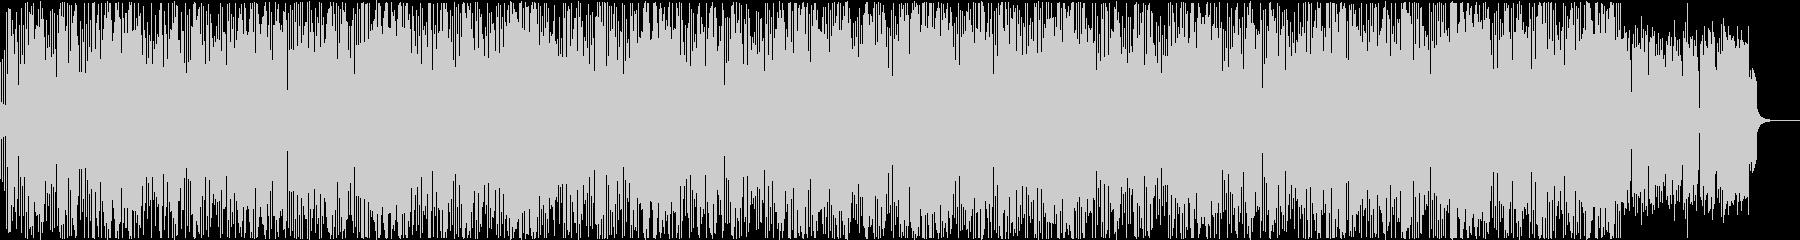 CM、企業VPFuture Bass bの未再生の波形